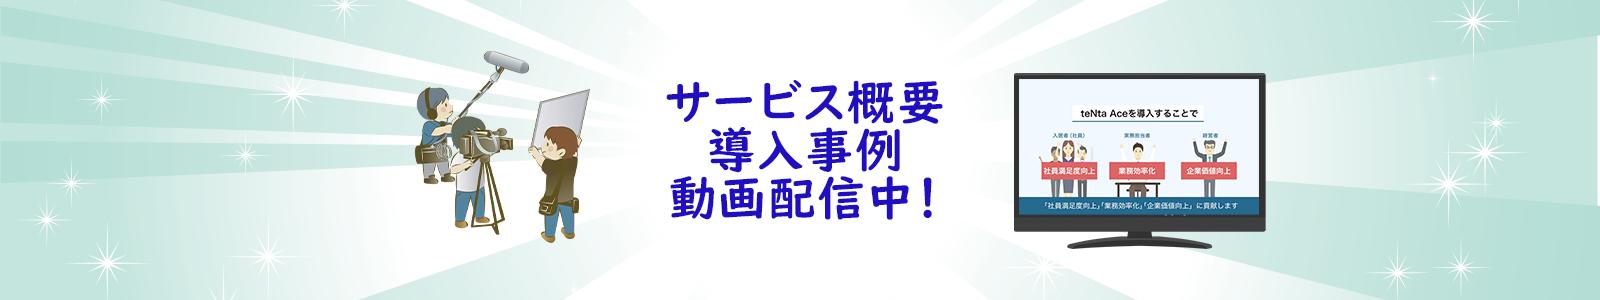 NTTビジネスアソシエのサービス・導入事例を動画で分かりやすくご紹介します